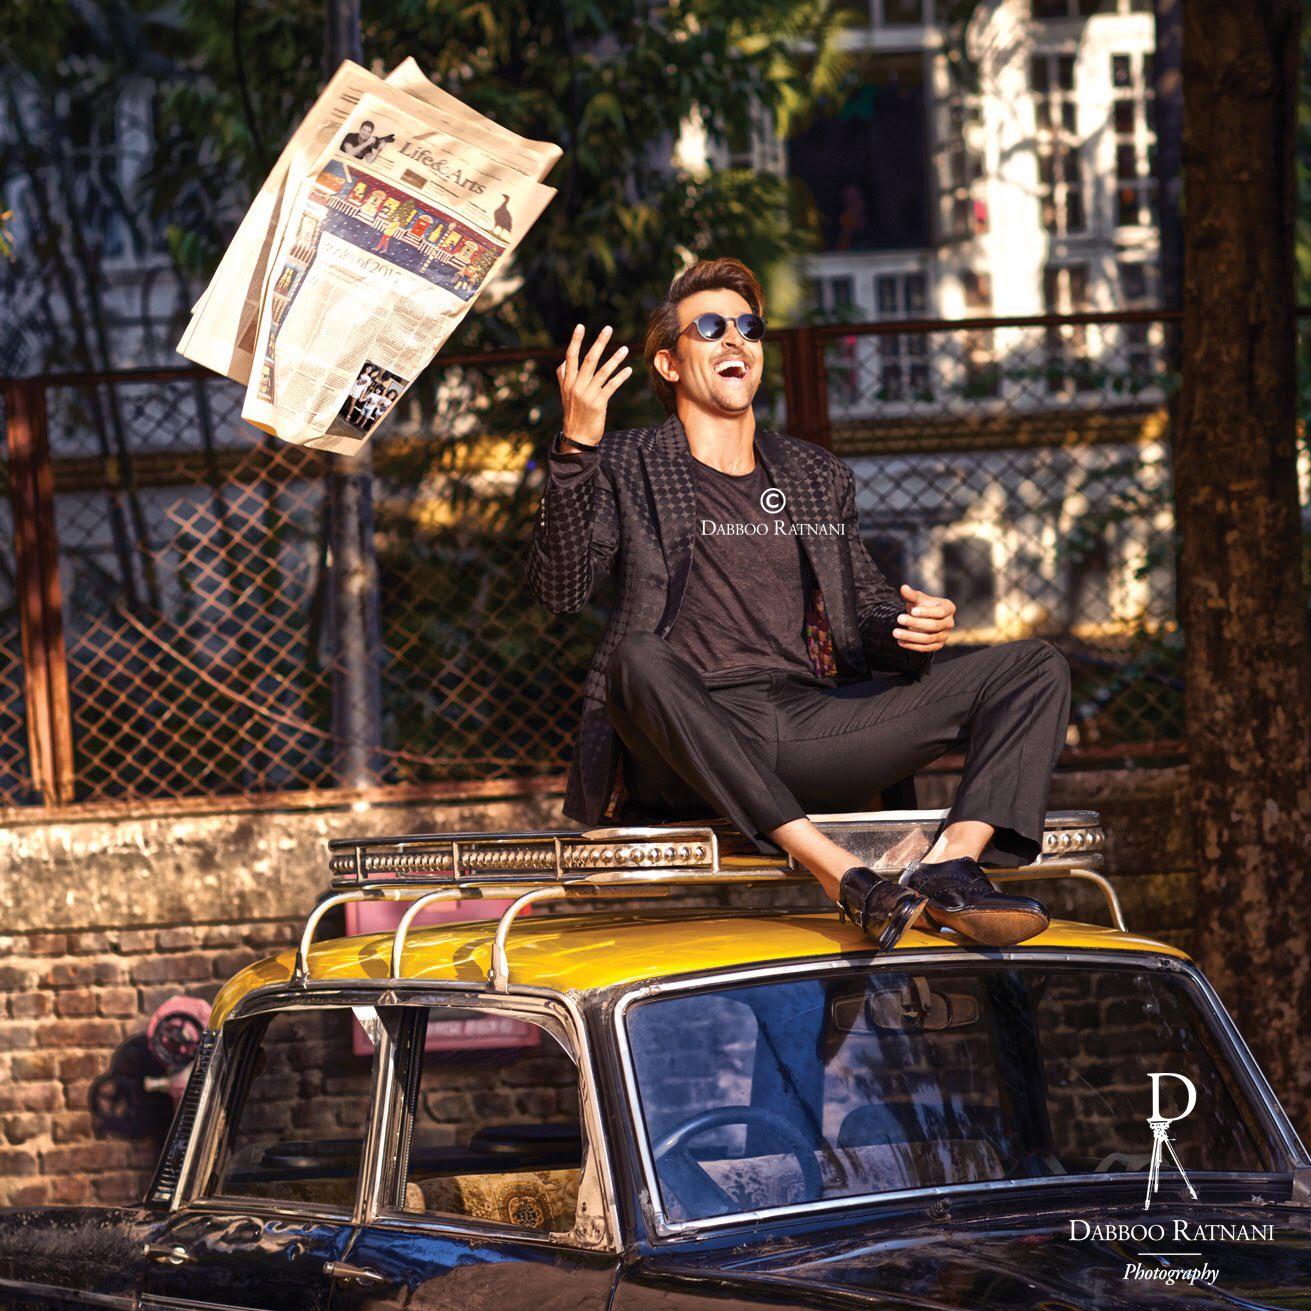 dabboo-ratnani-calendar-2020-20